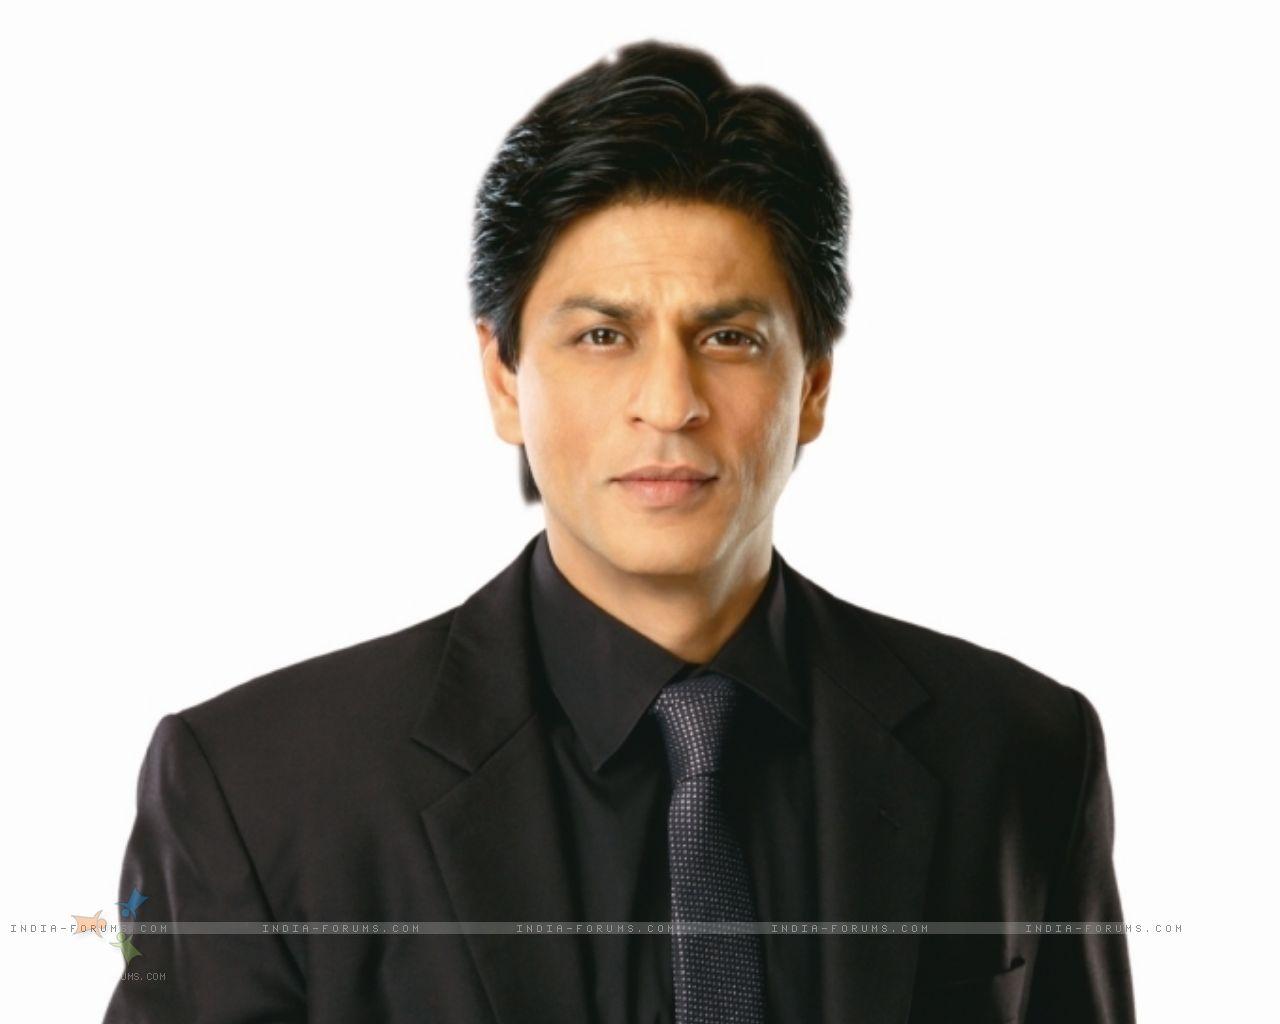 41186-shahrukh-khan.jpg